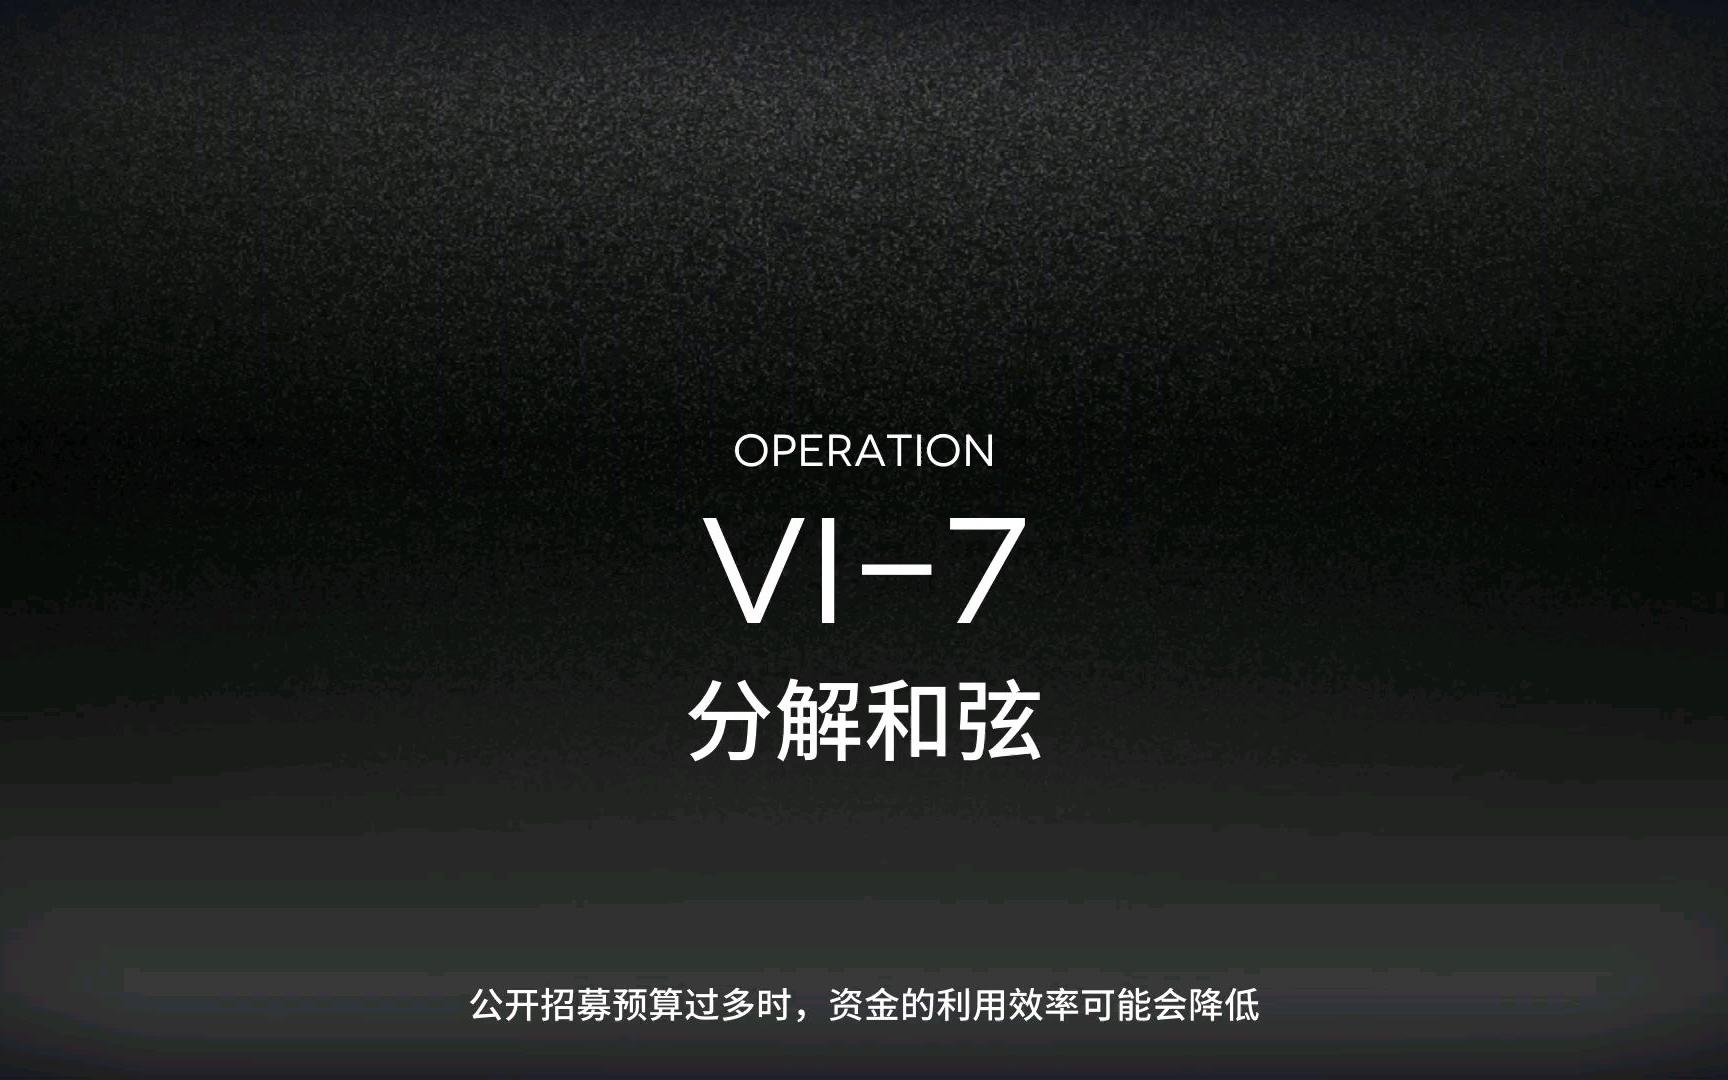 【明日方舟】突袭VI-7堵门